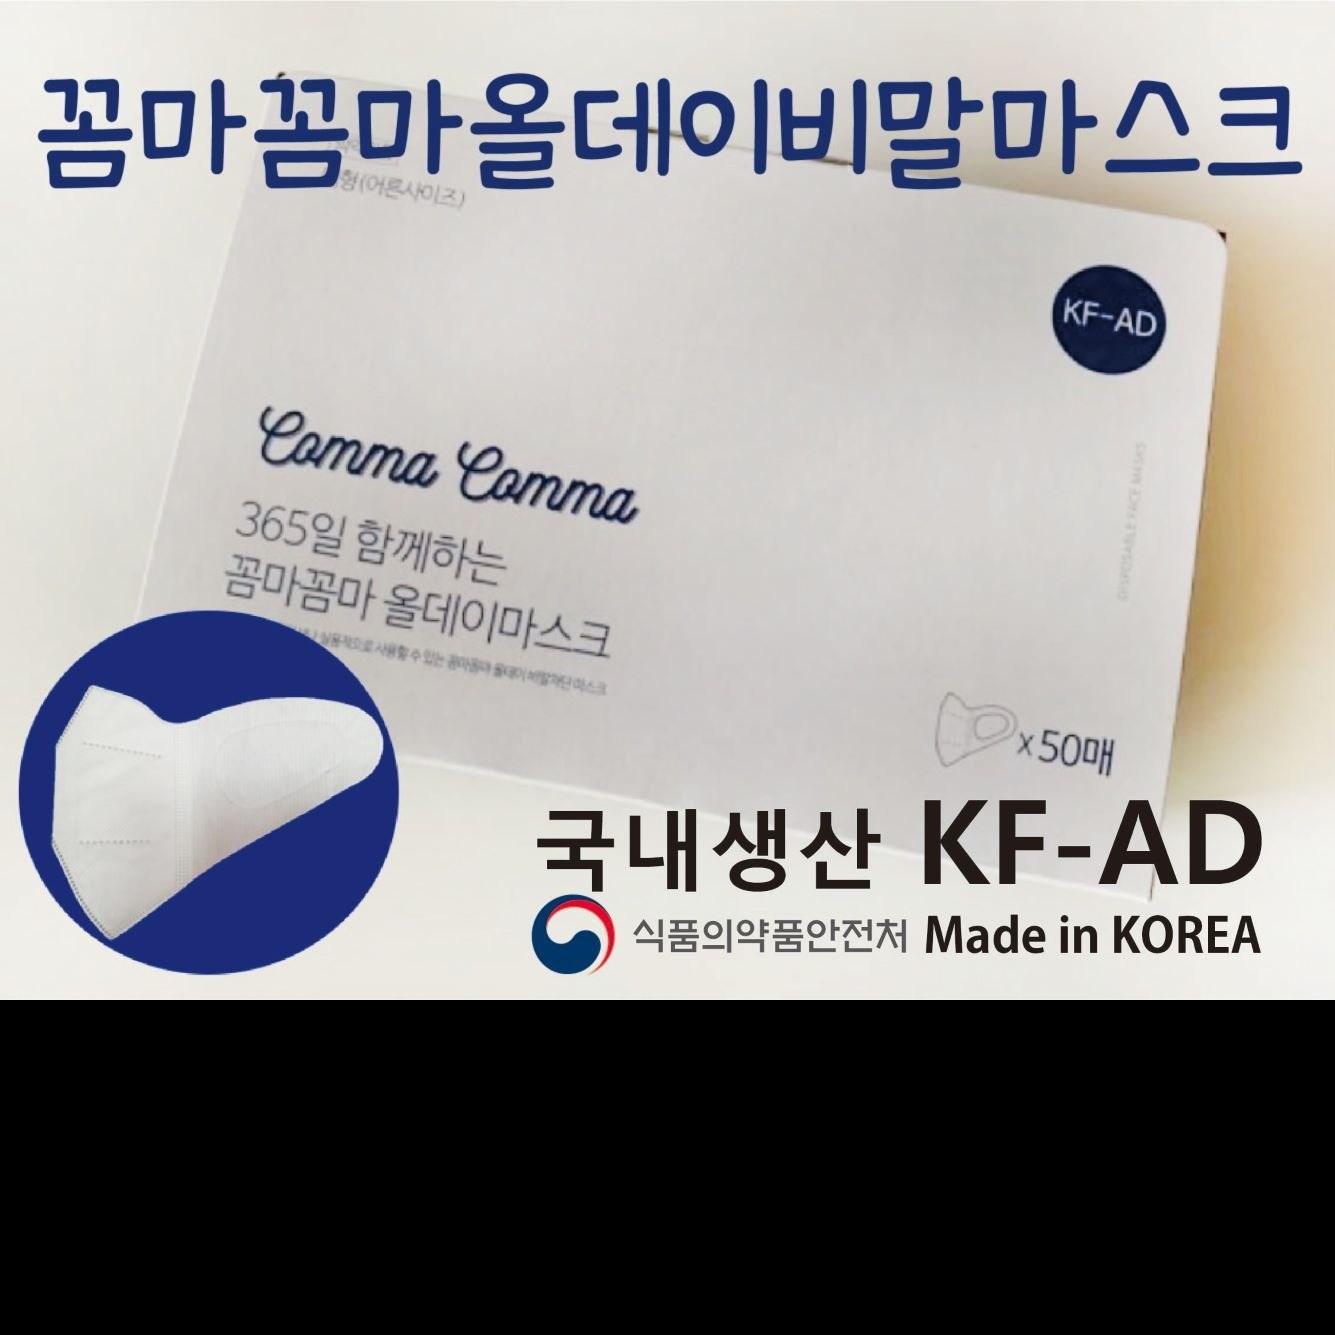 꼼마꼼마 올데이 KF-AD 새부리형 마스크 50매벌크포장, 1팩, 50개